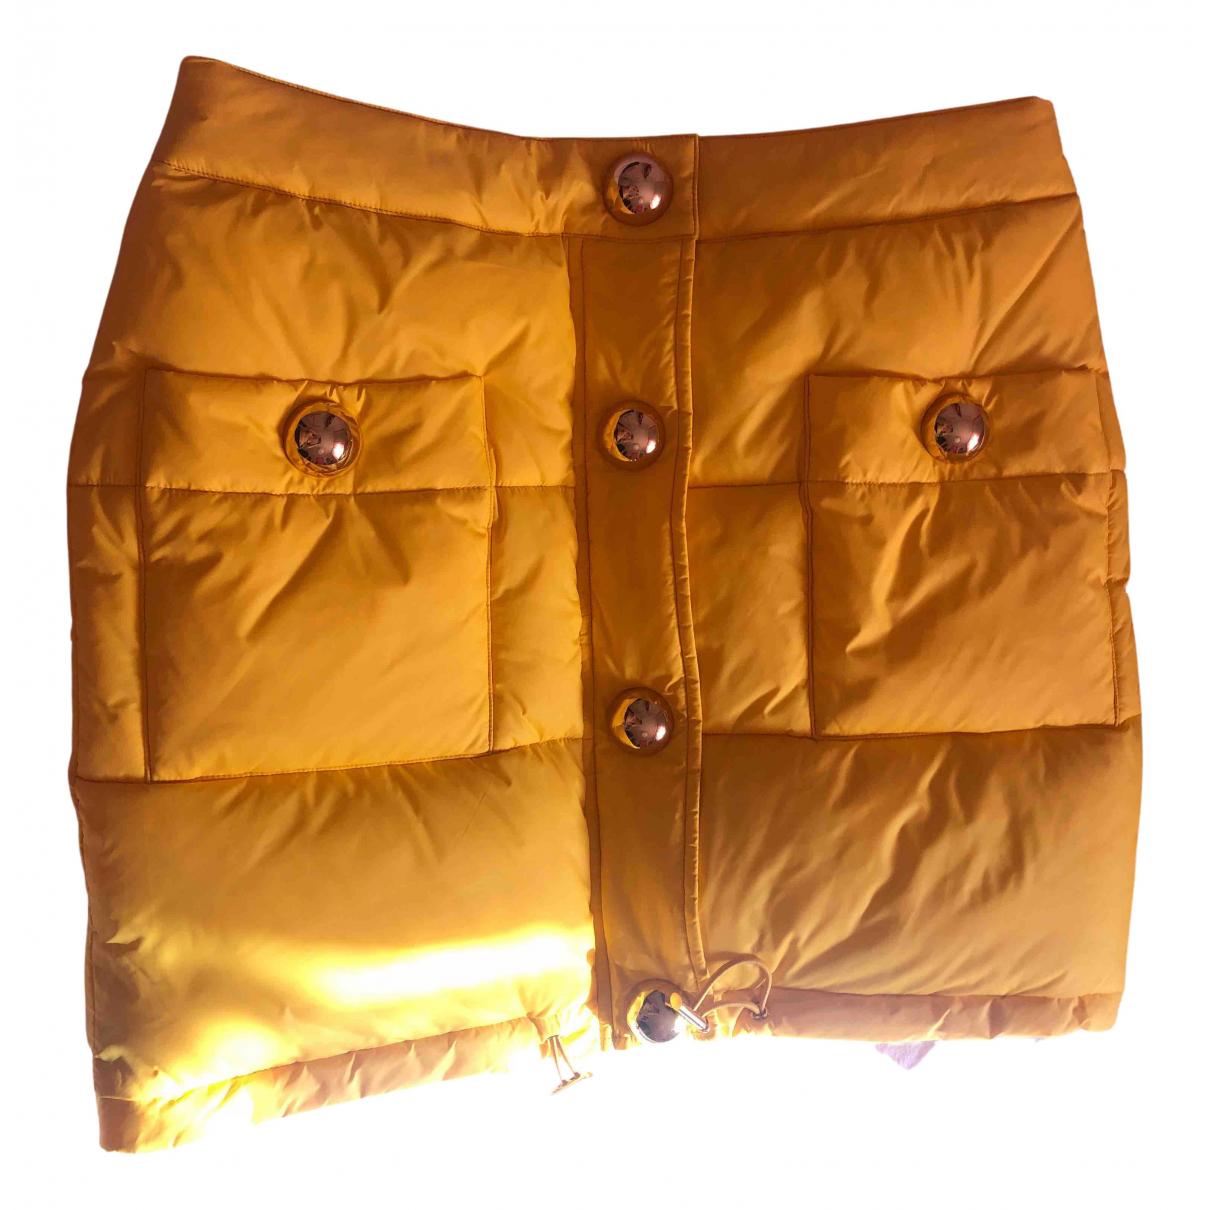 Mini falda Moschino For H&m